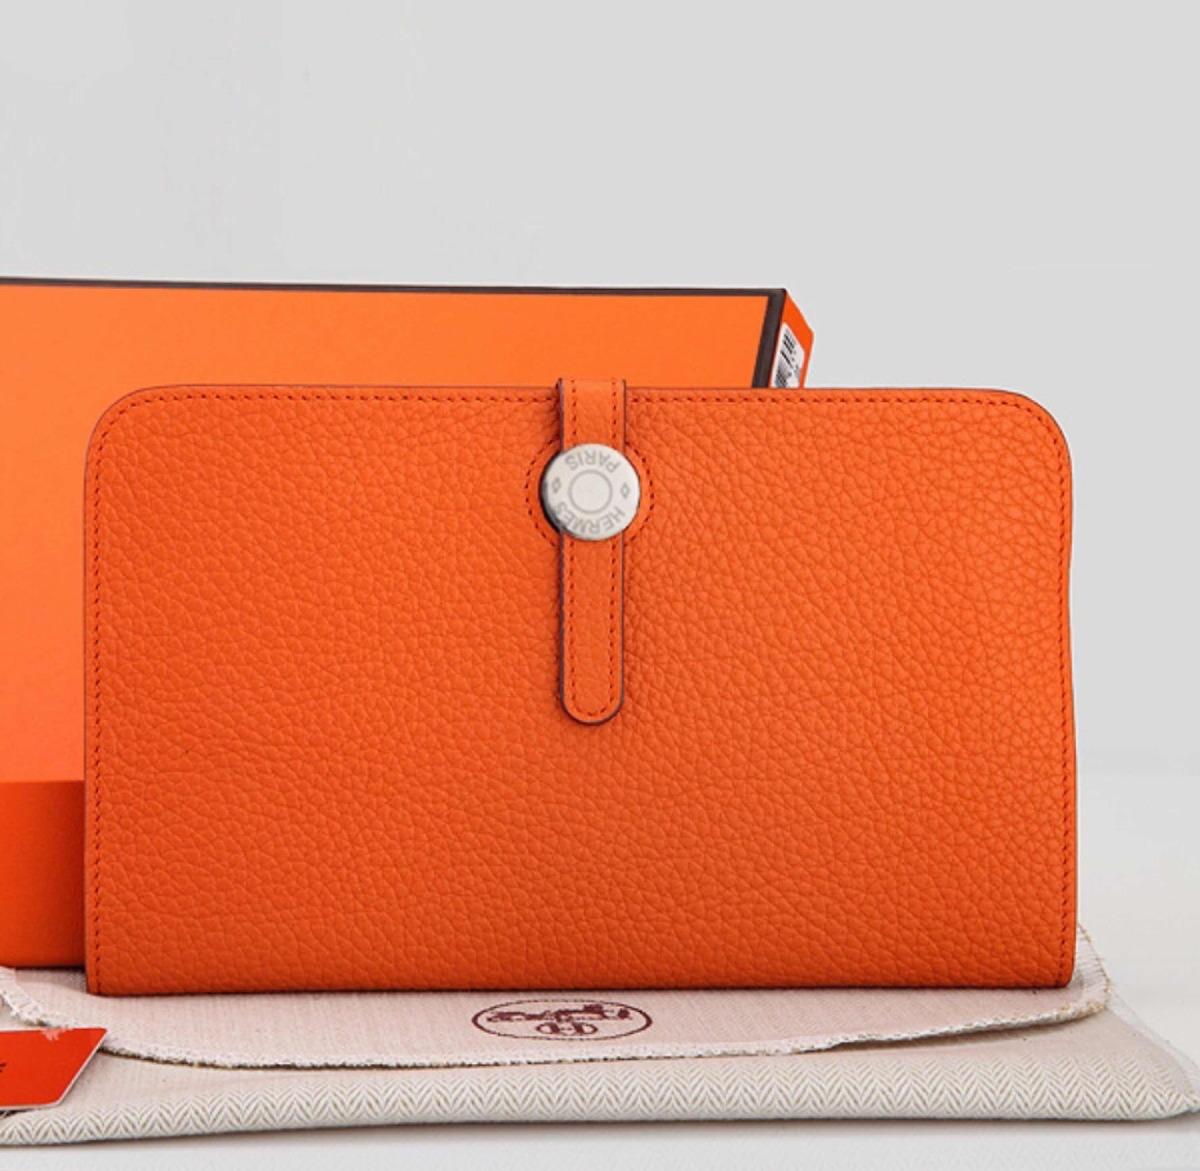 5ed29b23b6c carteira hermes de couro laranja. Carregando zoom.